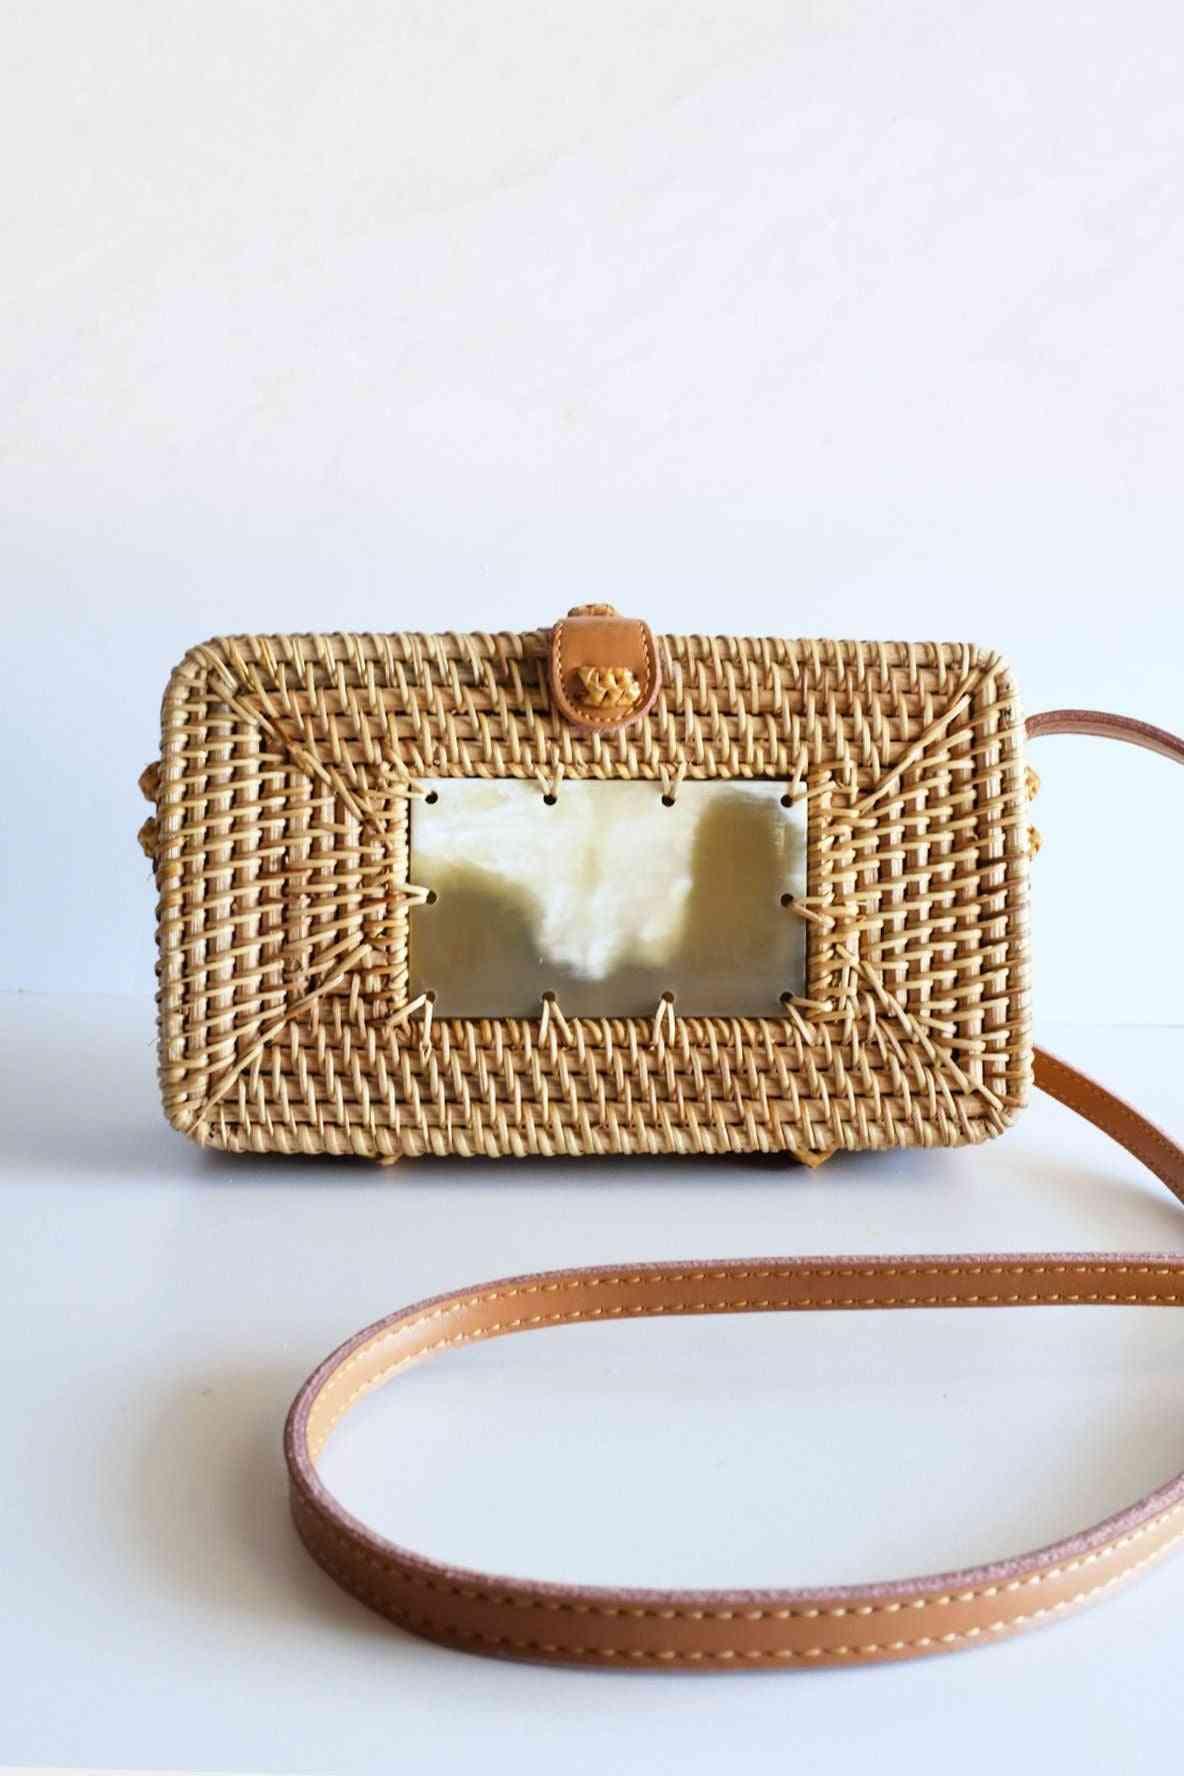 Buffalo Horn Centerpiece Rectangular Wicker Rattan Handbag